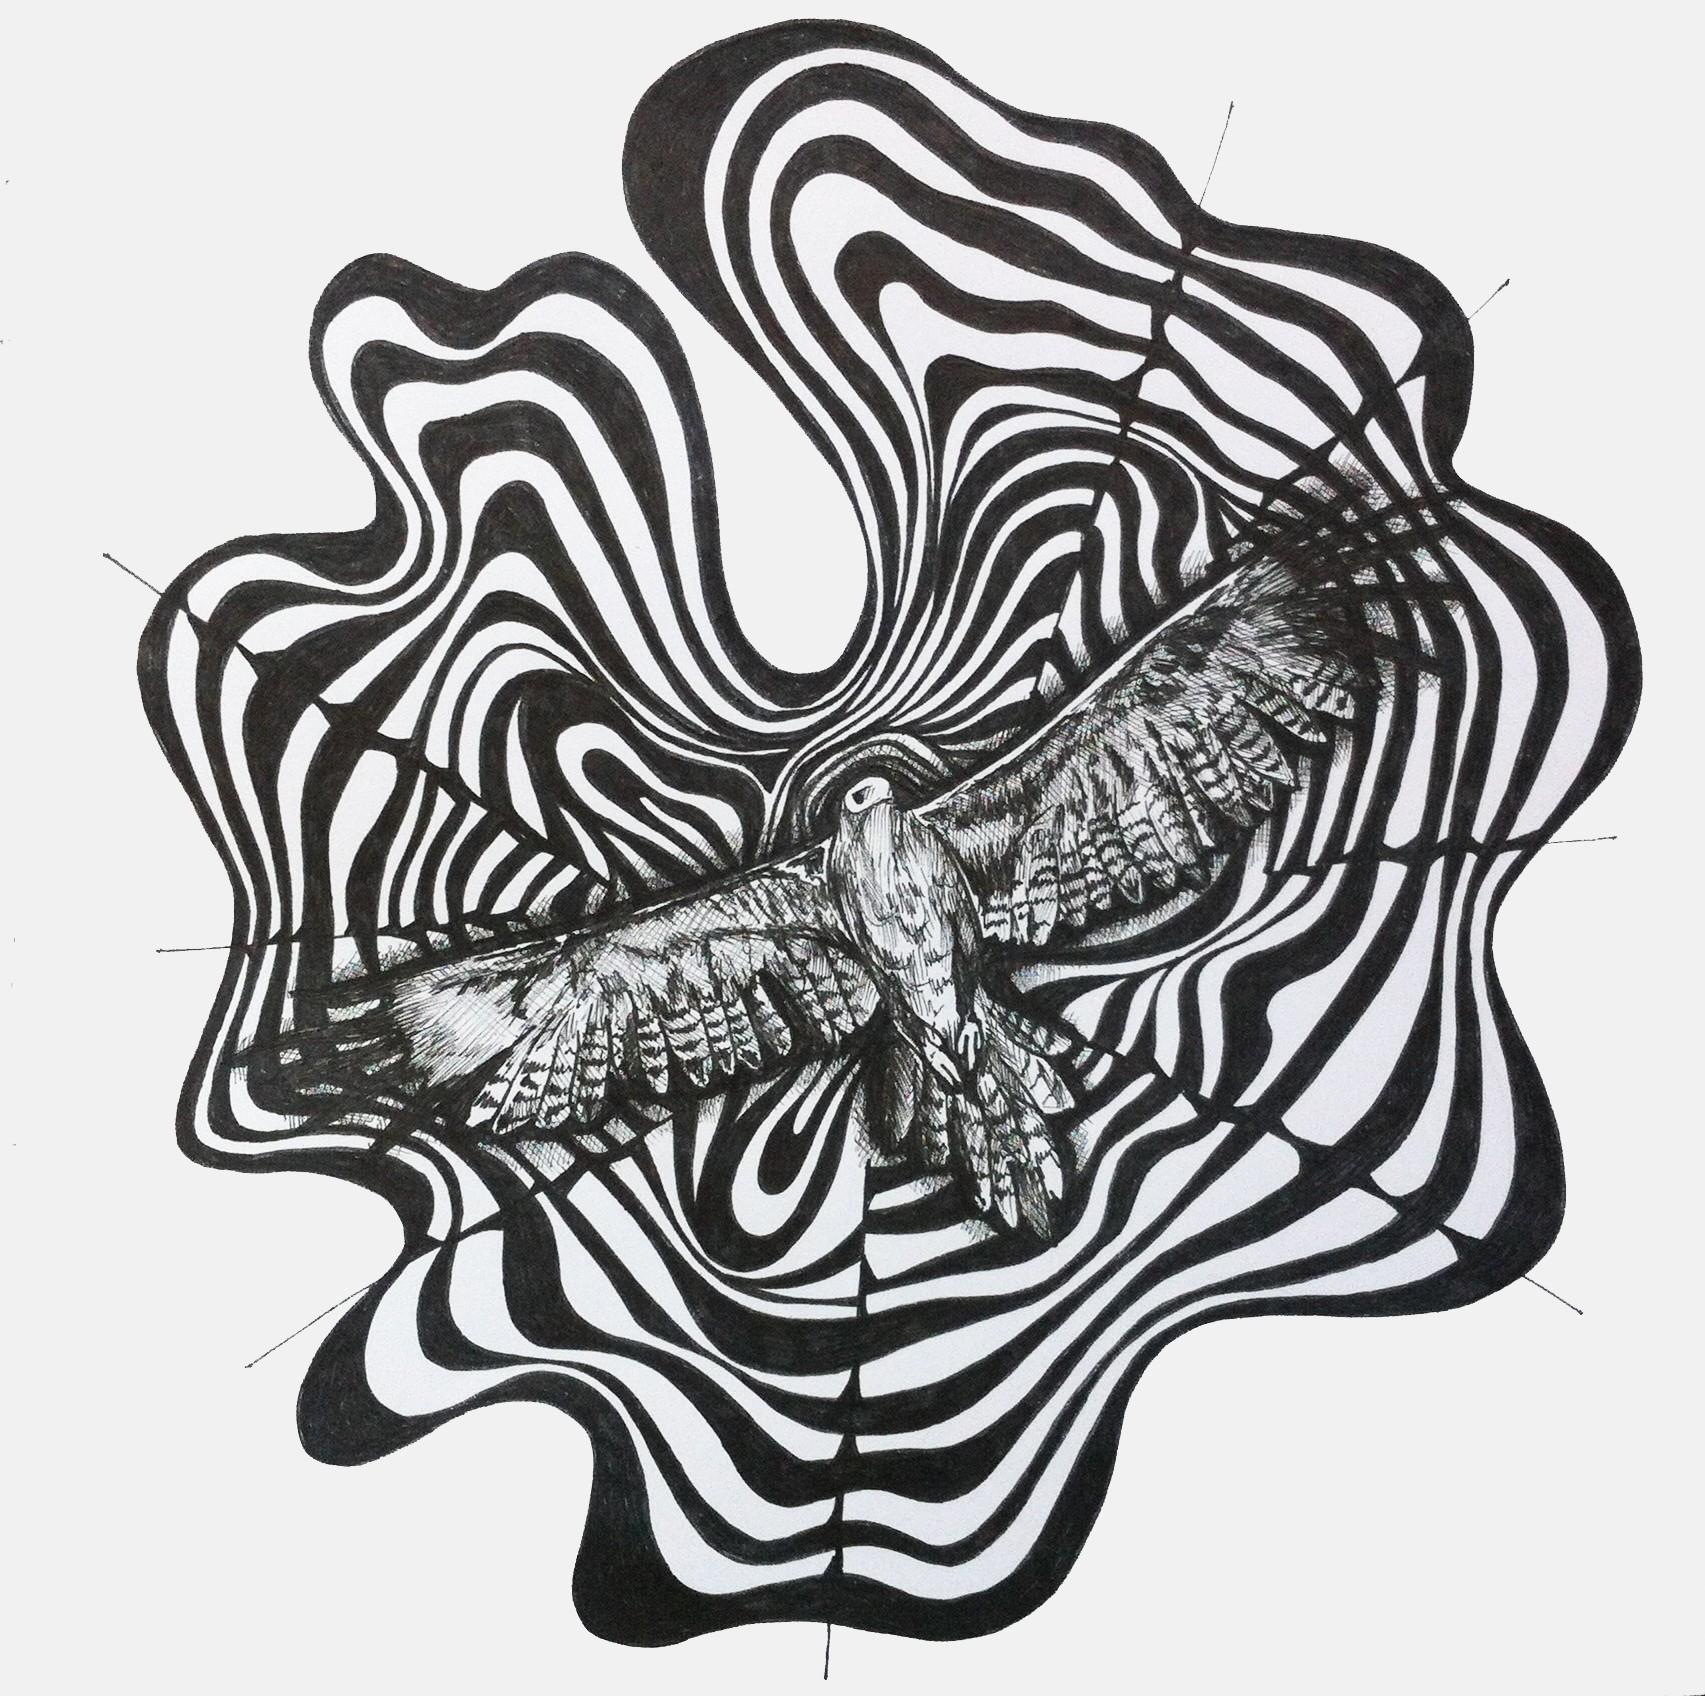 Eagle in swirls